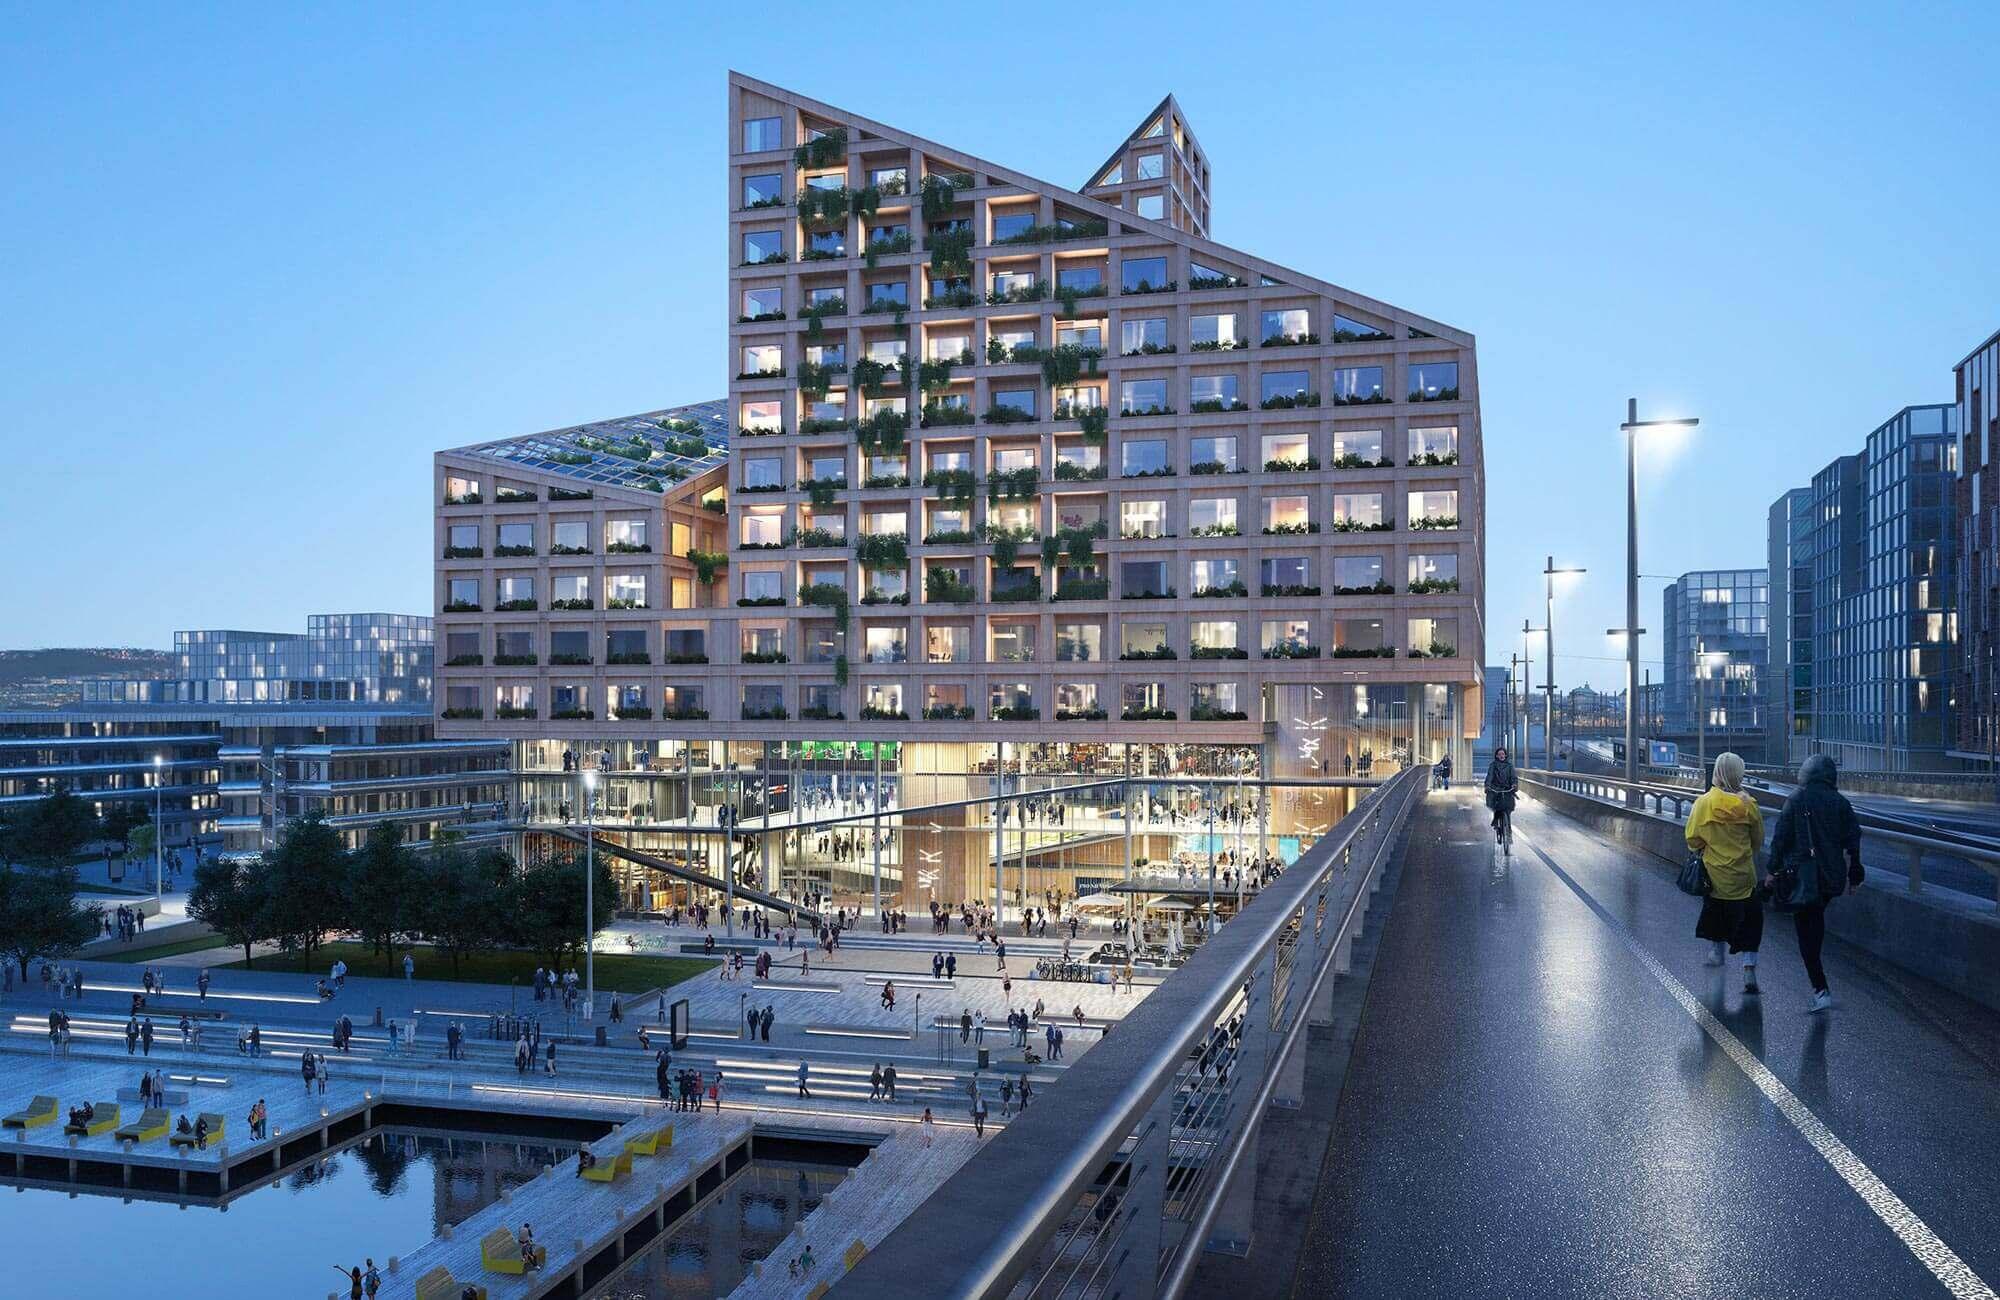 Nachhaltigkeit ist ein Fokus in der skandinavischen Architektur